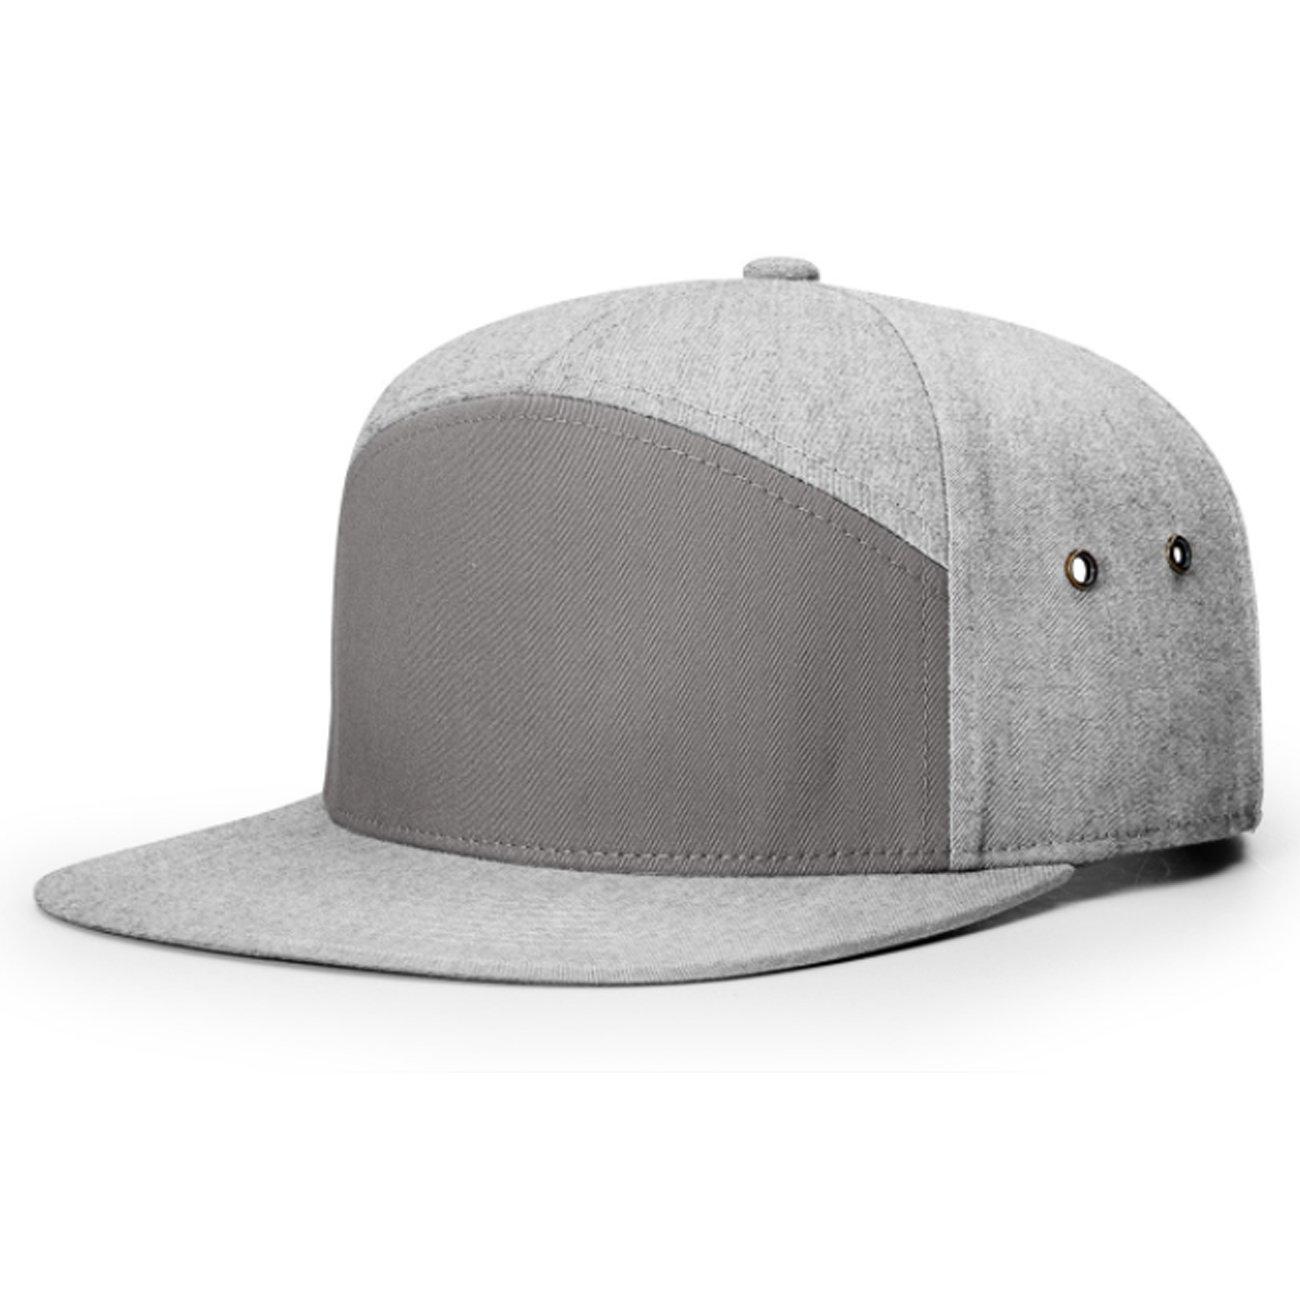 f6bfa5b9 Blank 7 Panel Hats